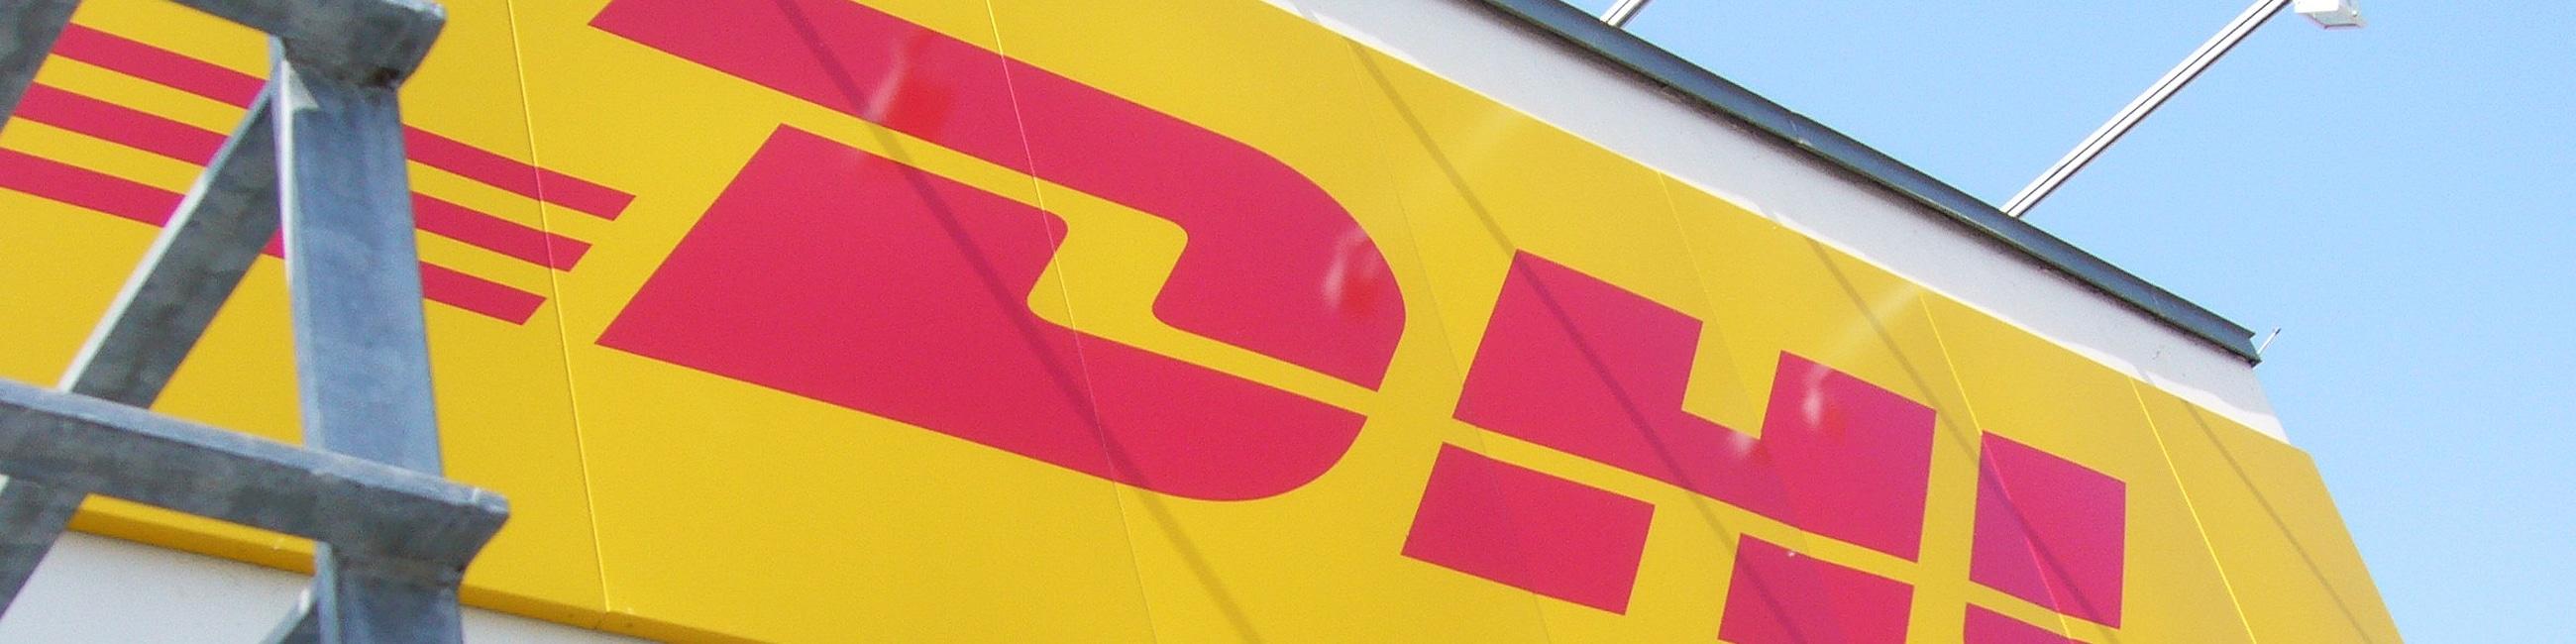 Werbeschild für DHL